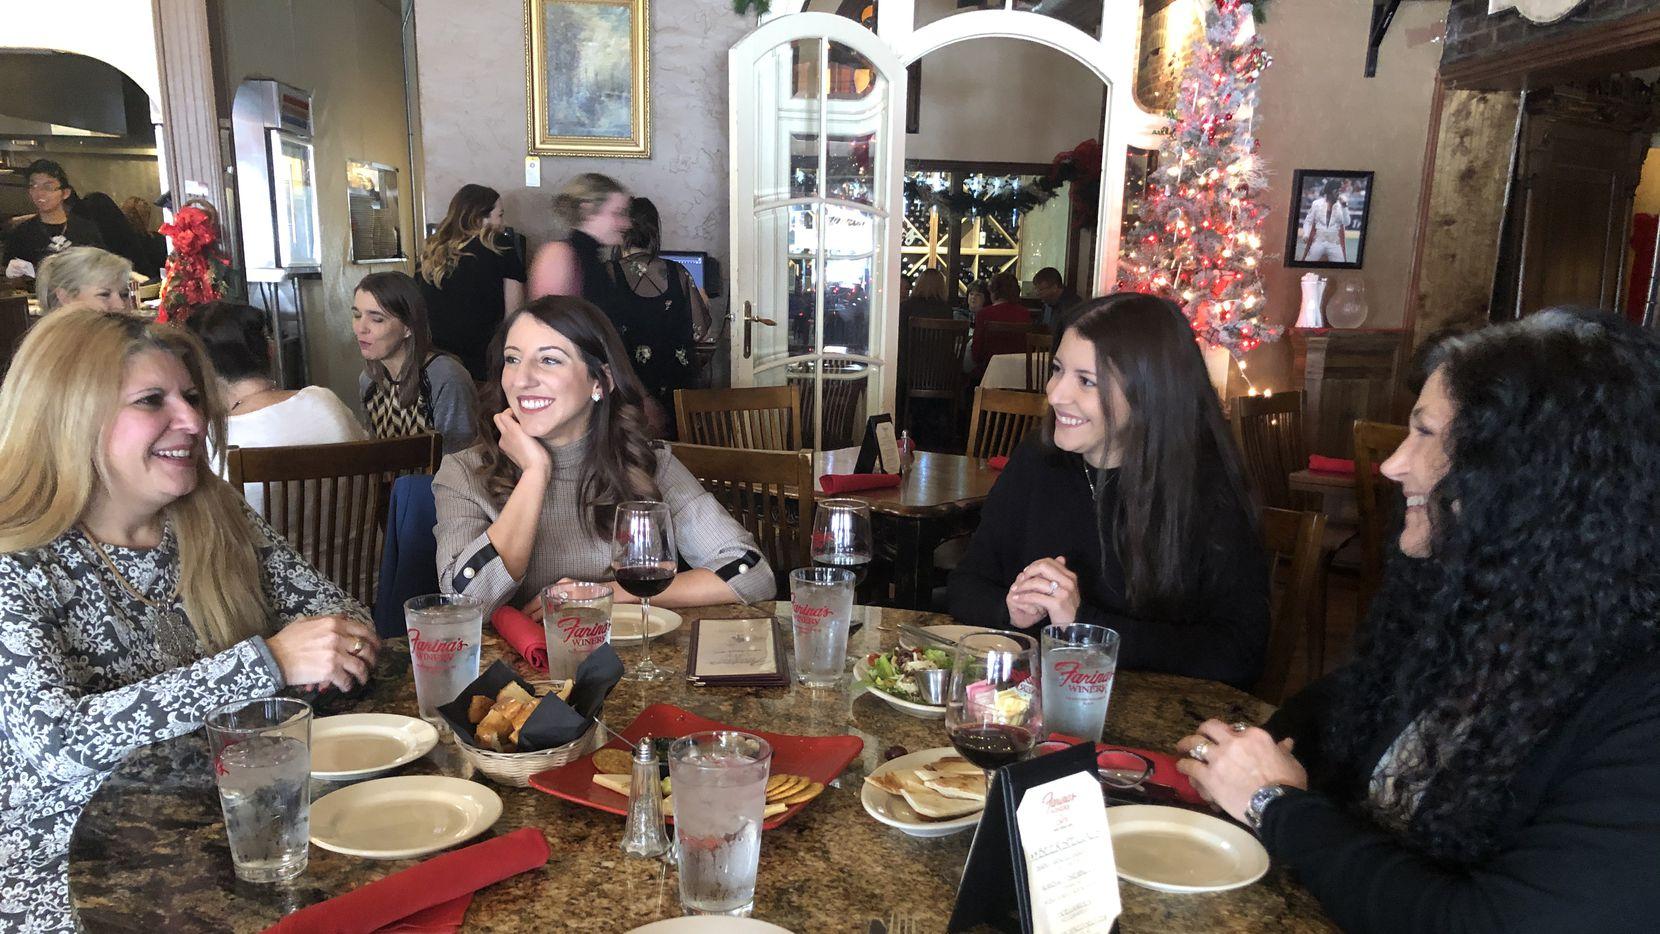 Isabel Pires (izq.) en una reunión con compatriotas en diciembre en un restaurante de Grapevine